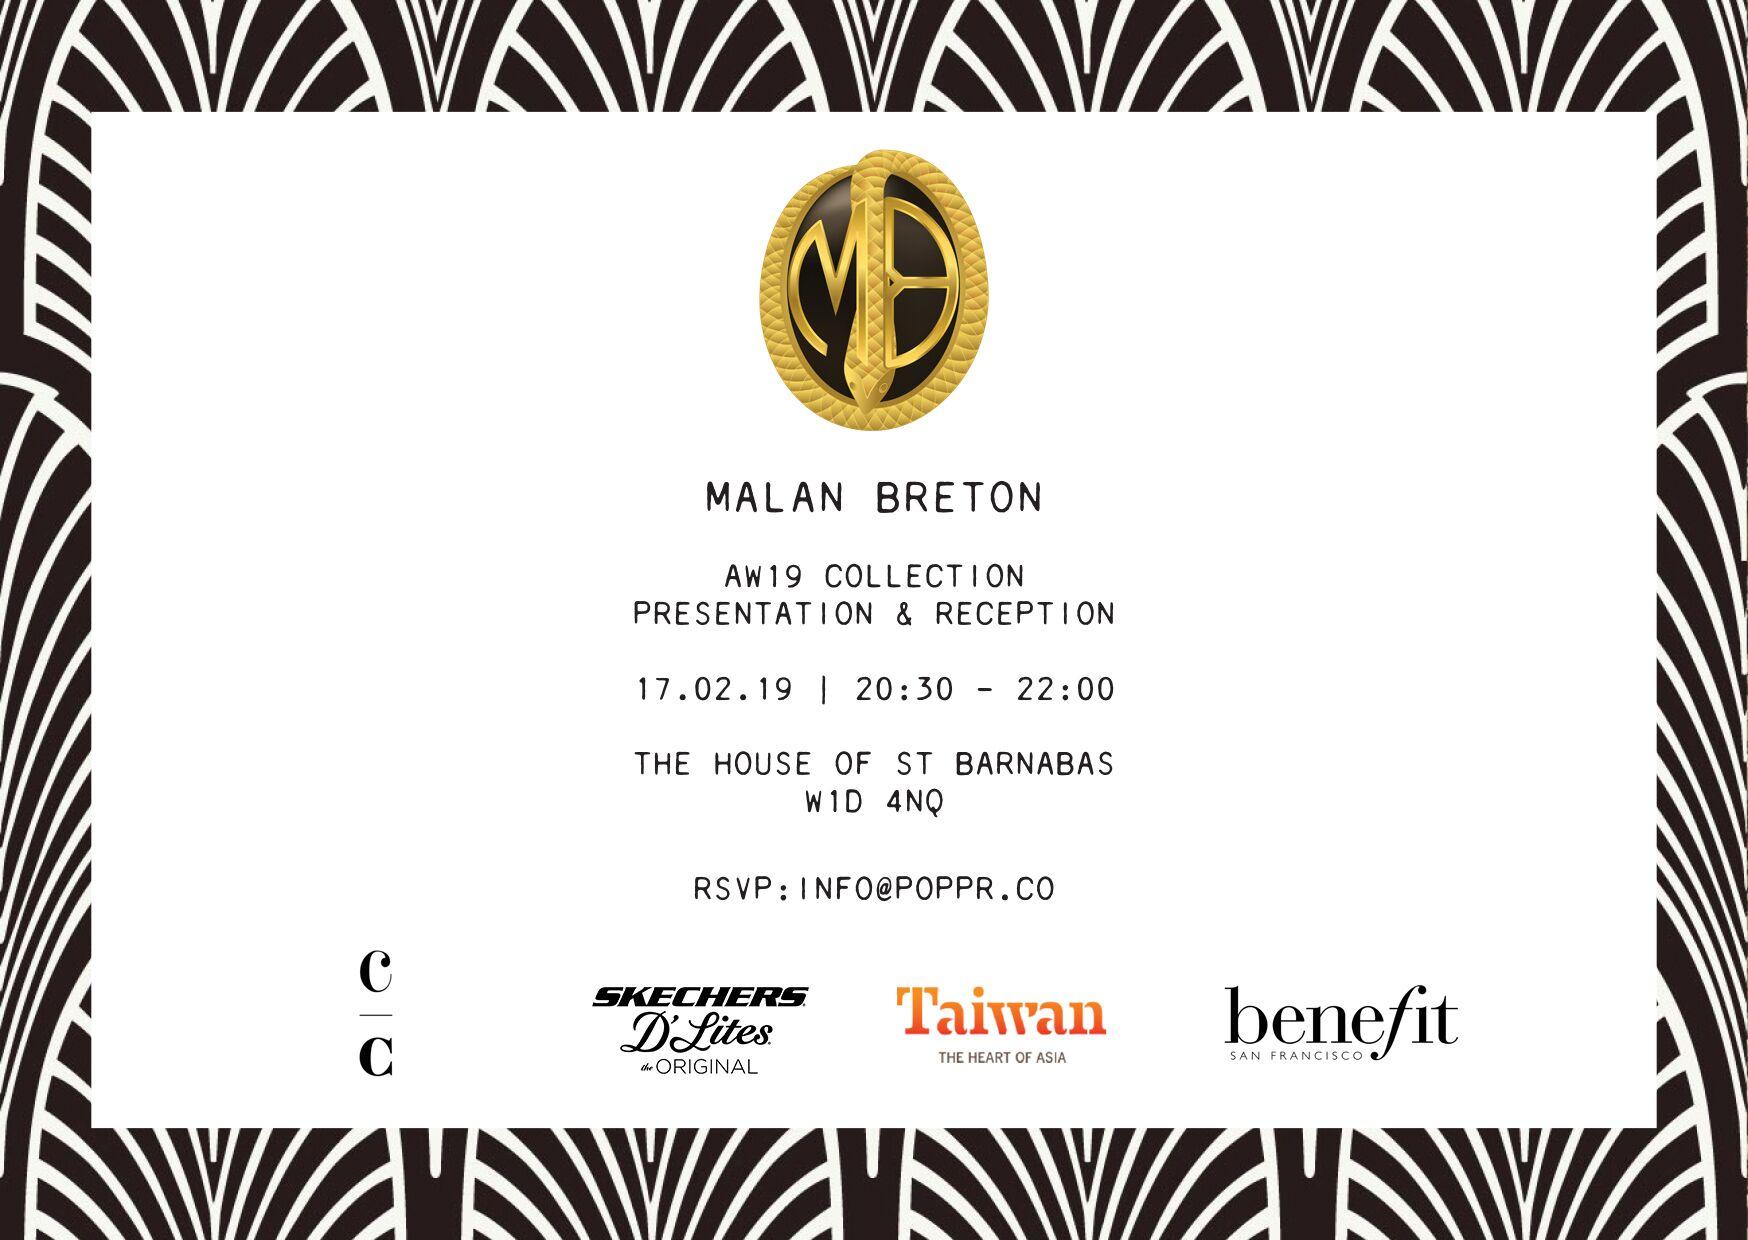 Malan Breton AW19